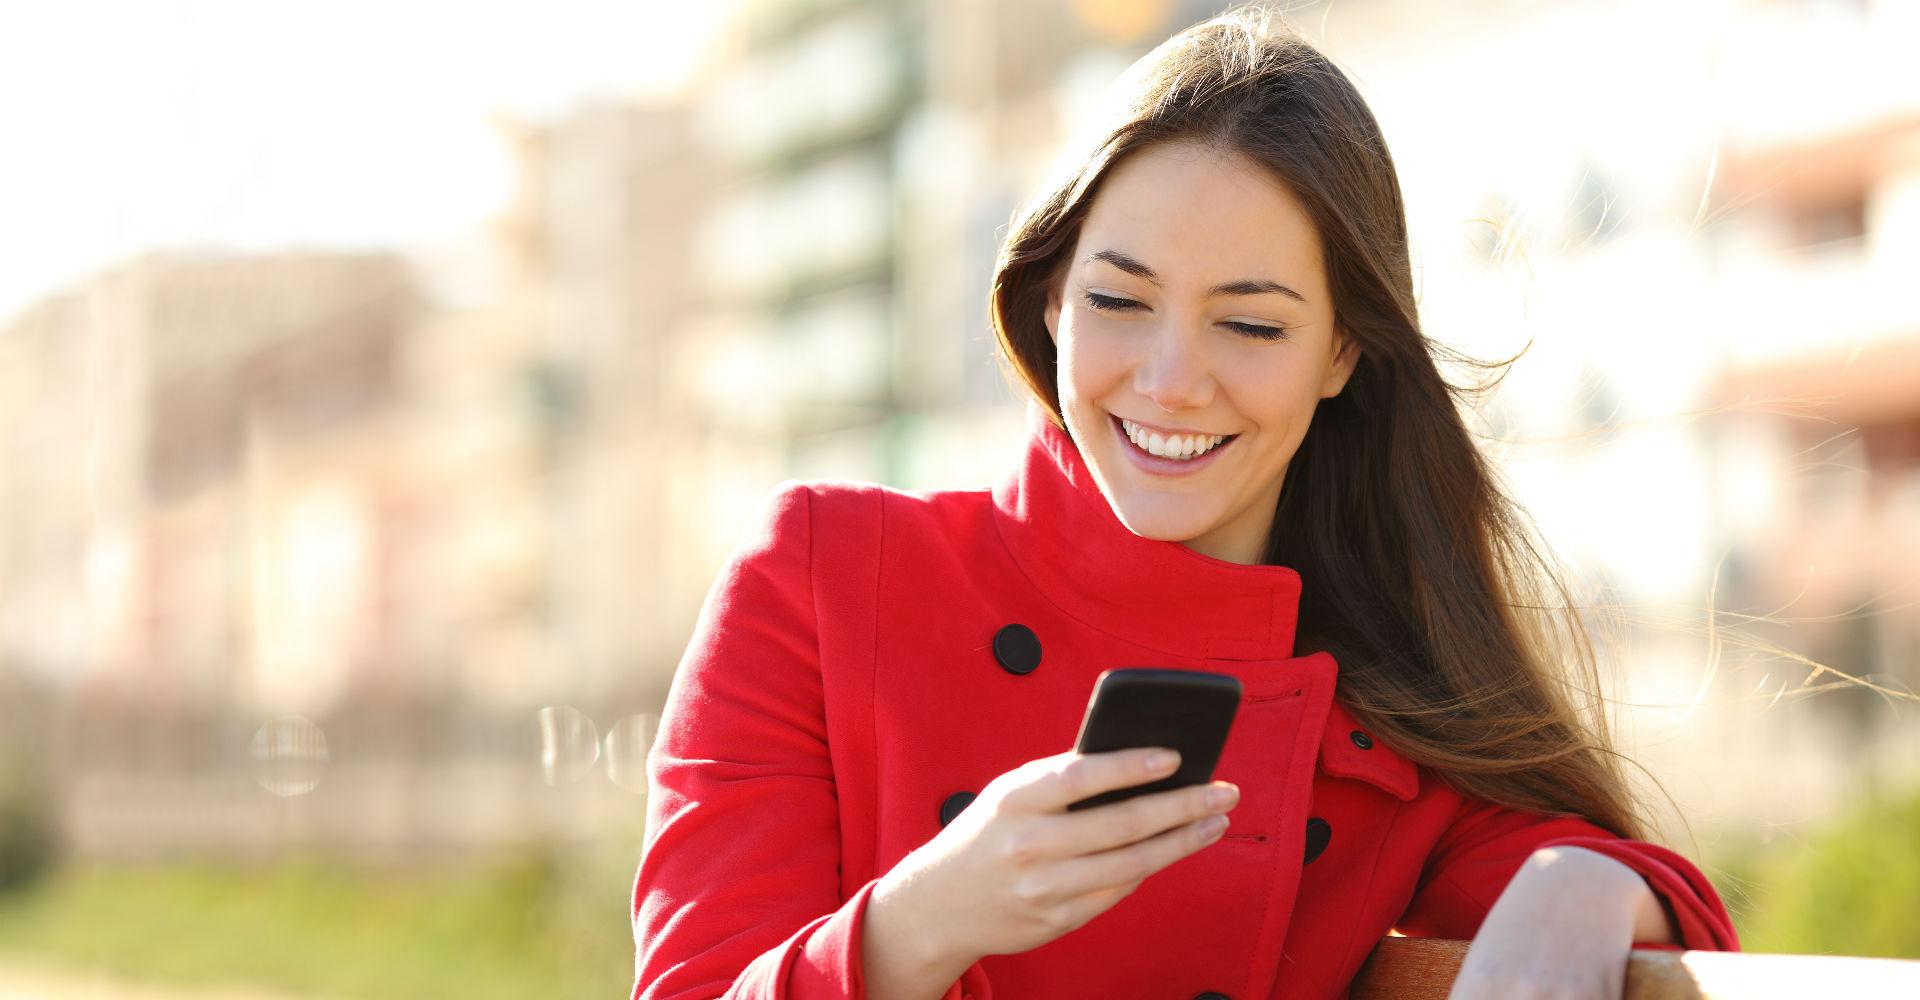 Frau im roten Mantel mit Smartphone in der Hand